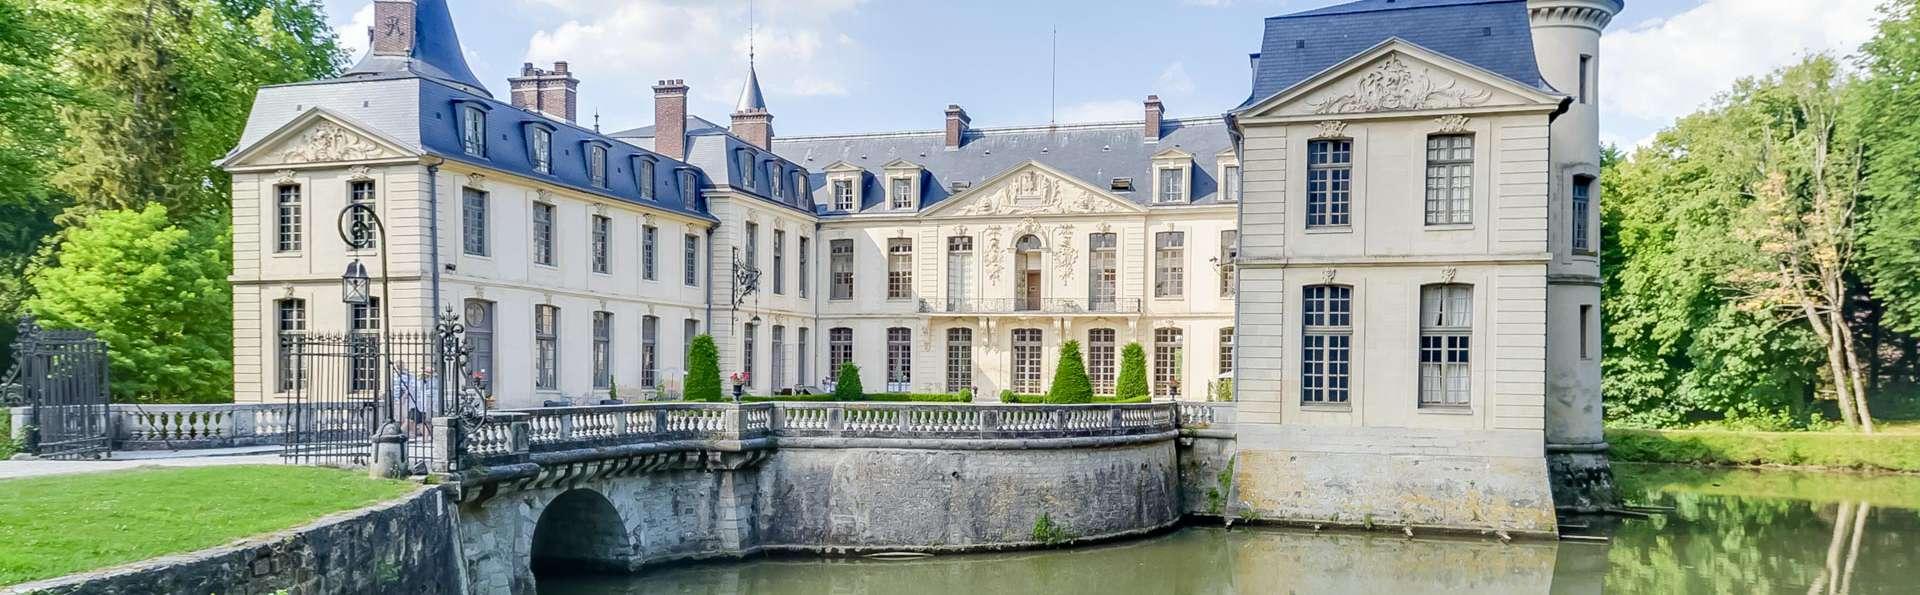 Château d'Ermenonville - EDIT_FRONT_03.jpg